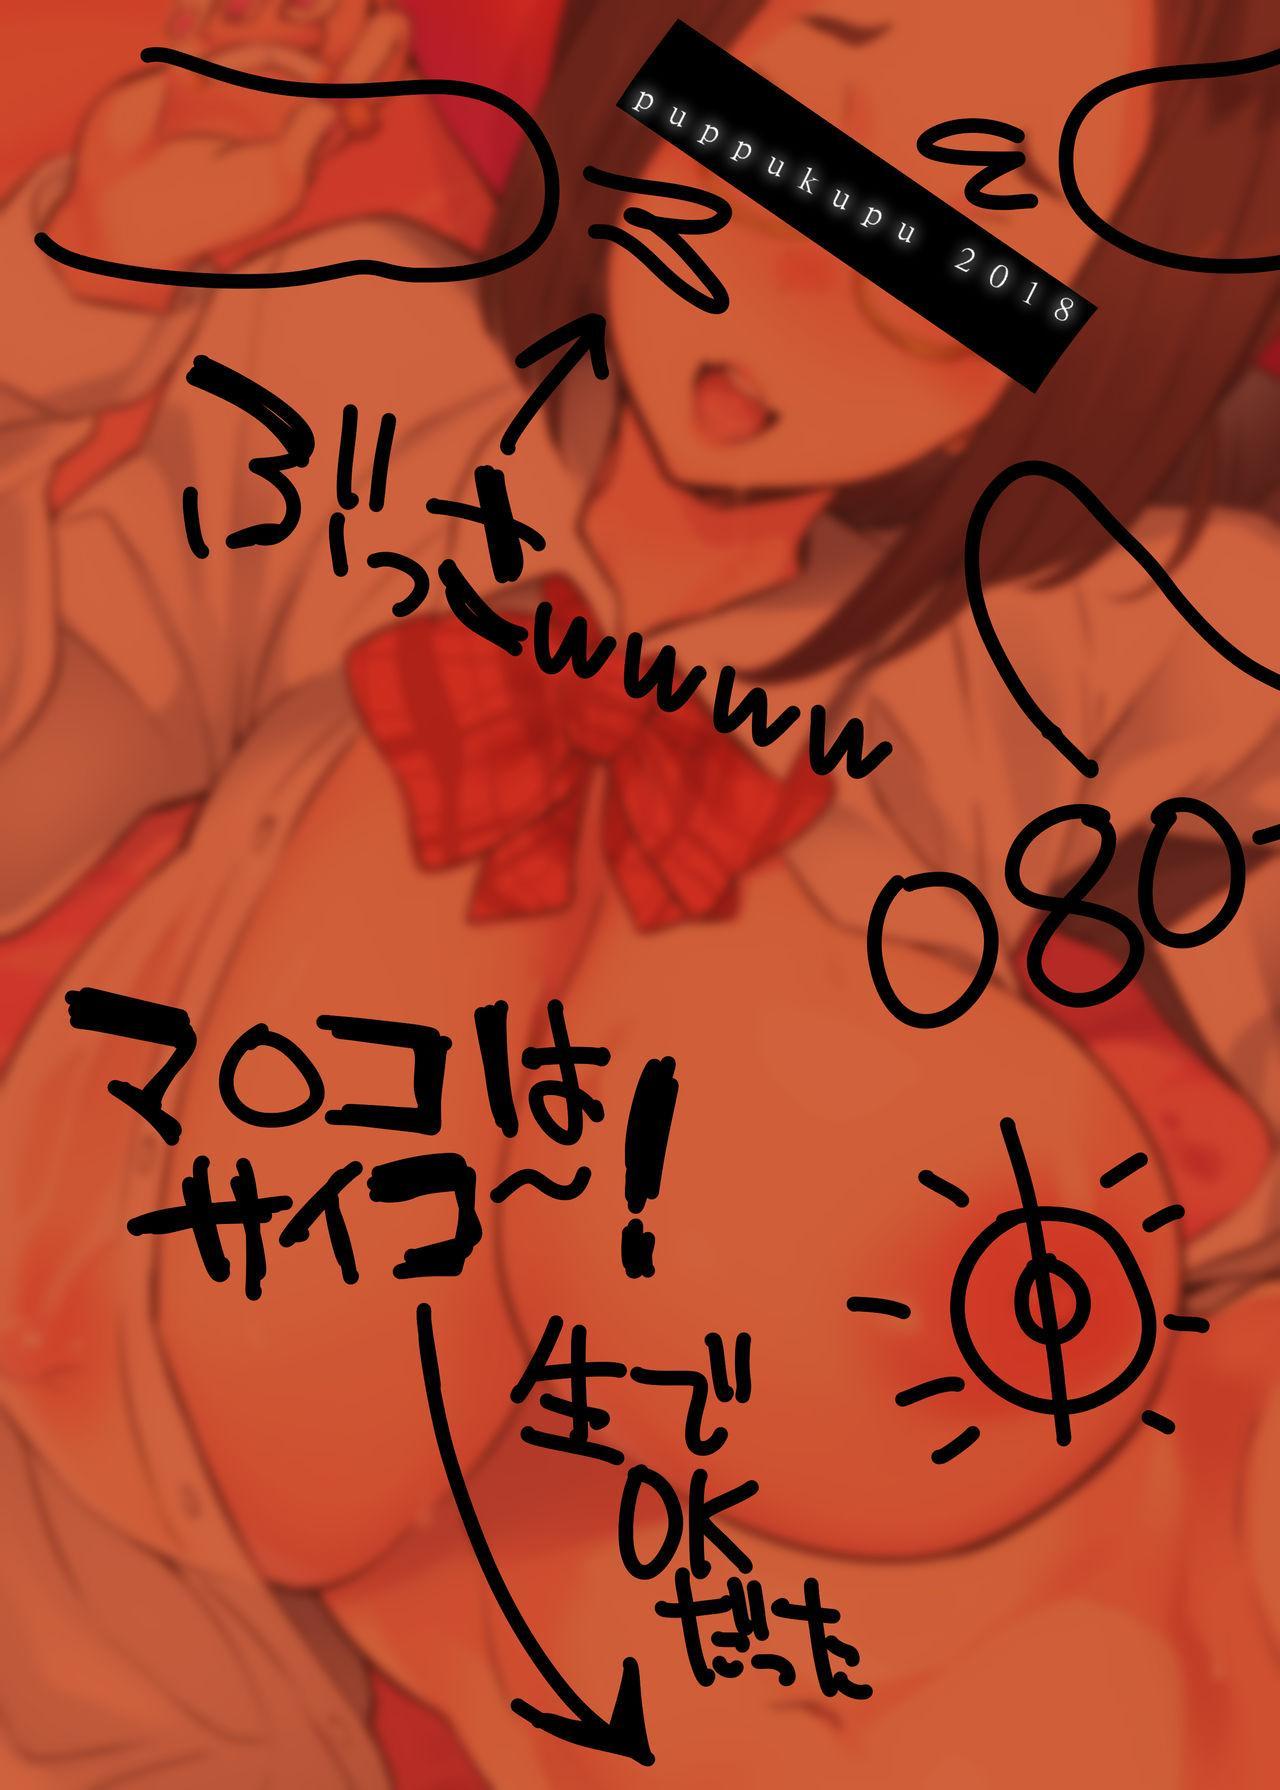 Gokujou Kuso Zako Busu Mesu Manko 17